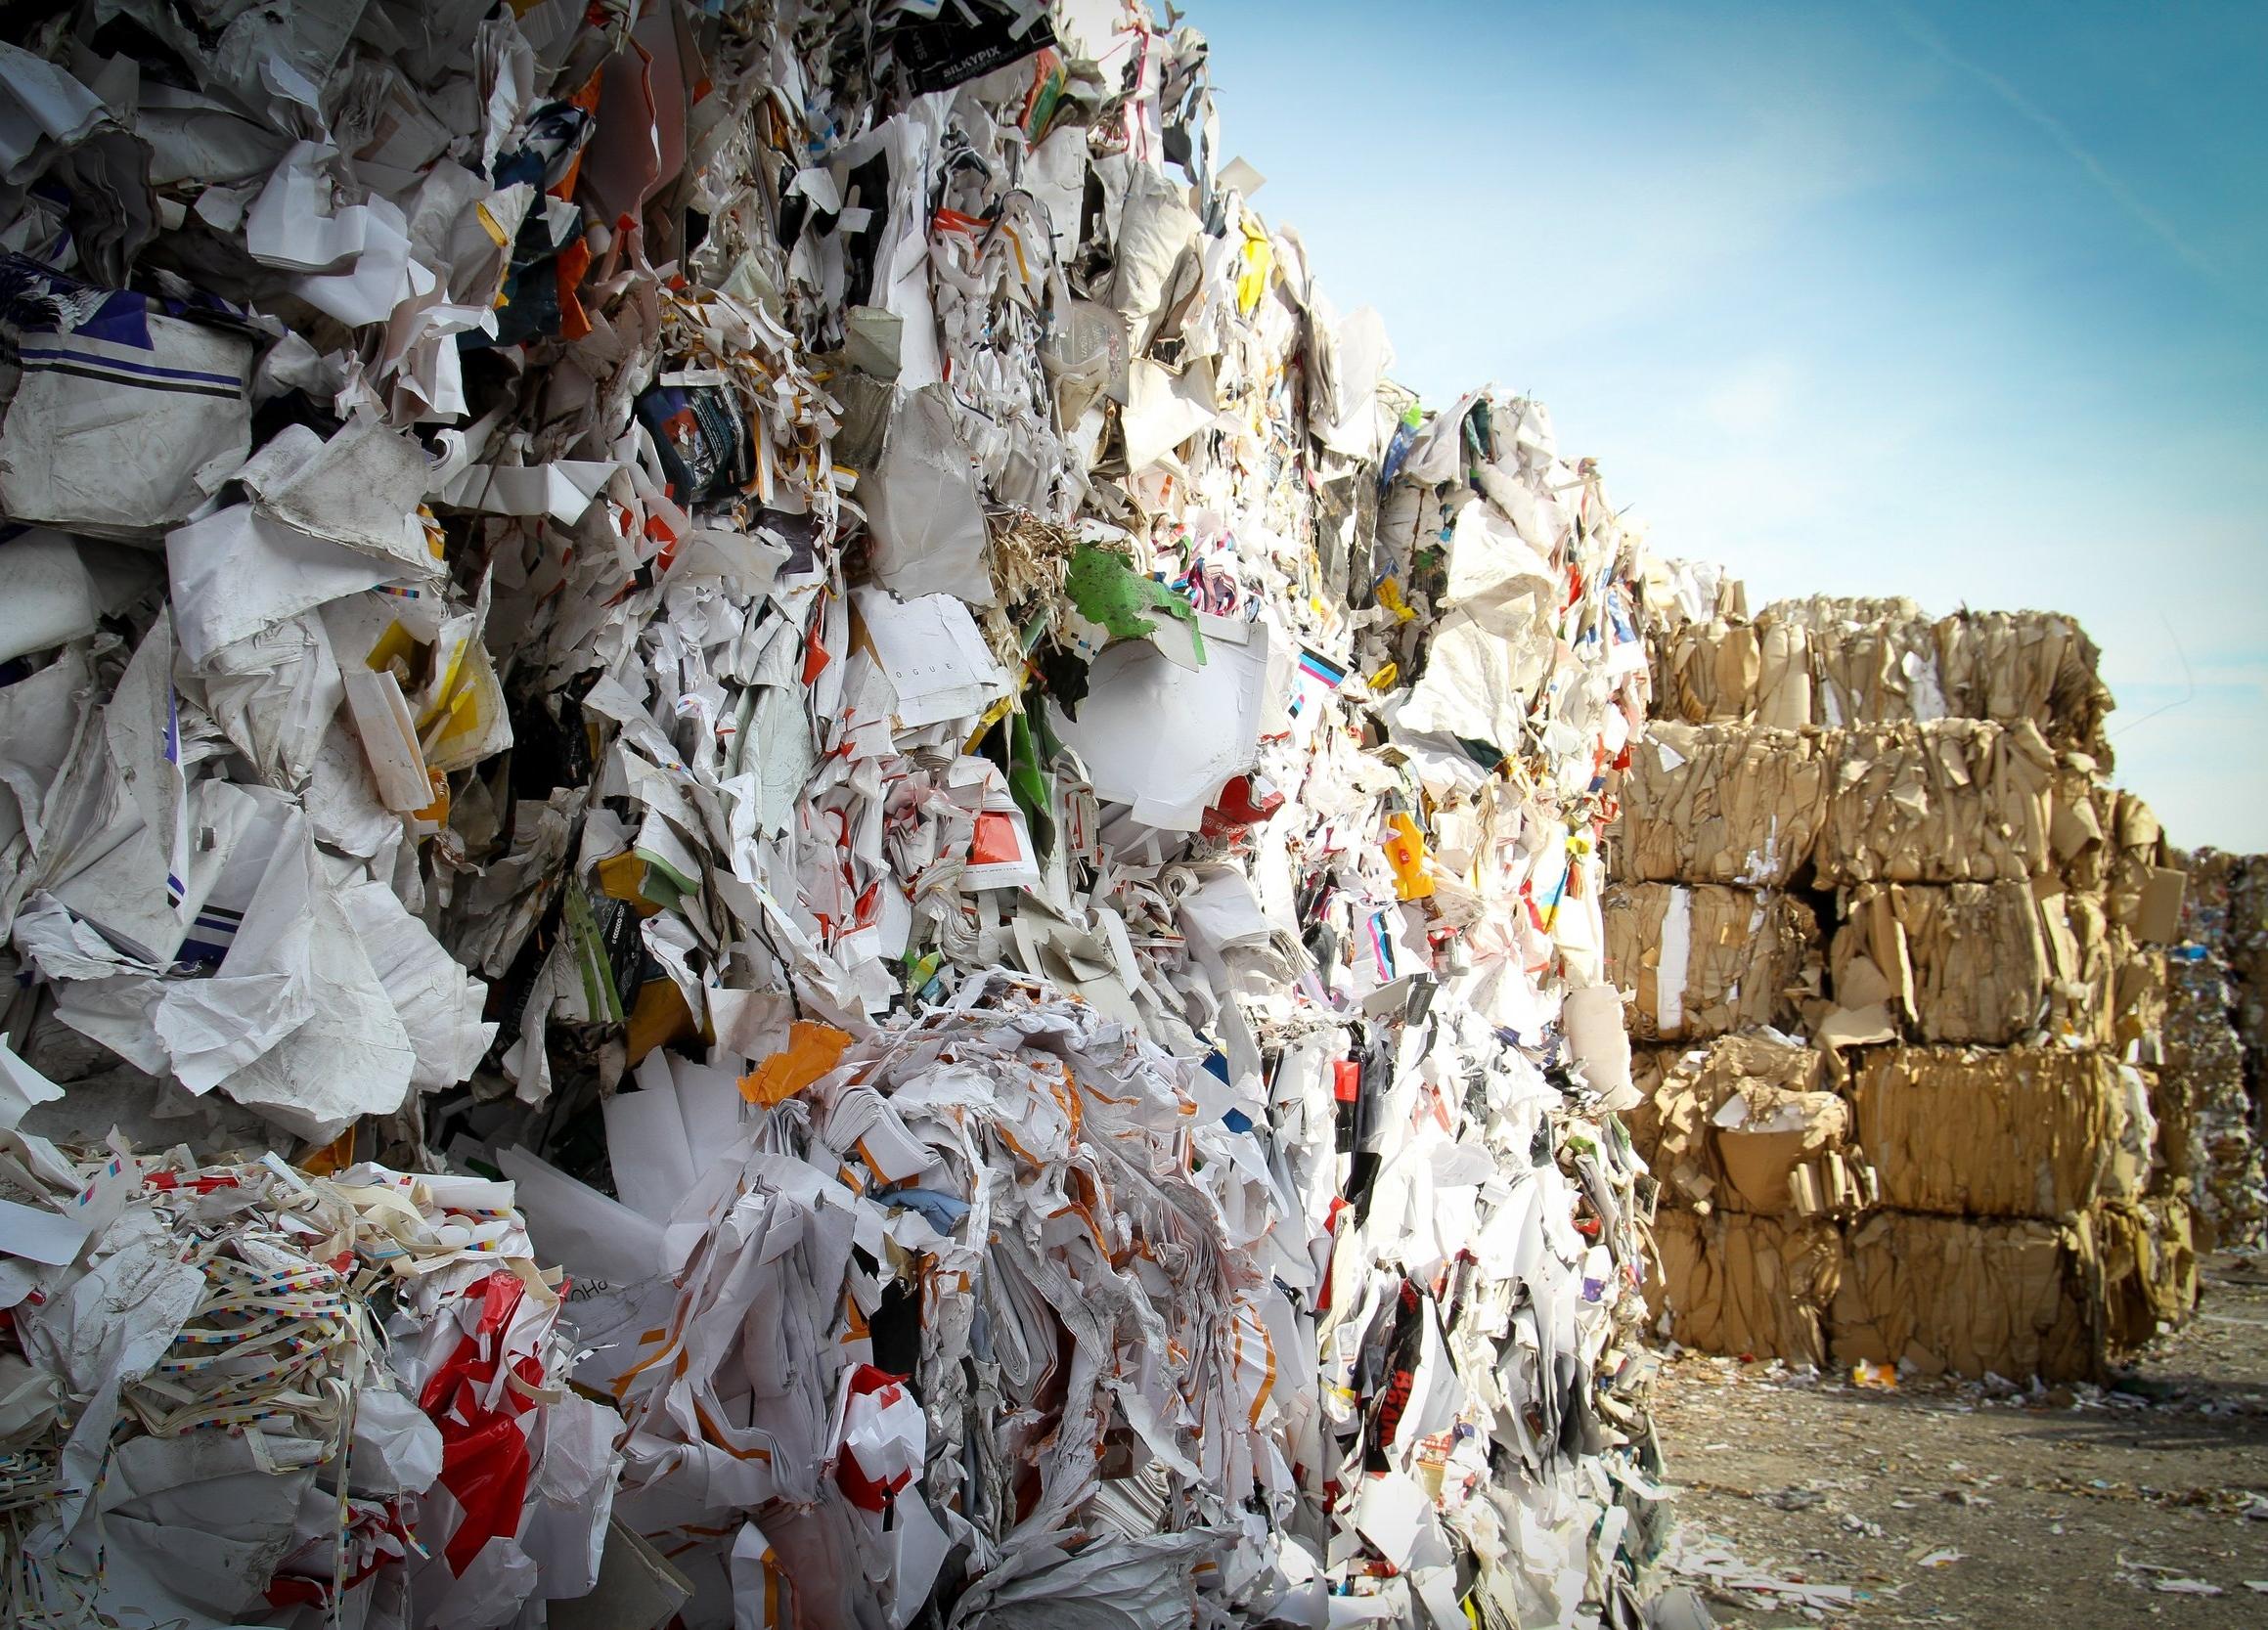 L'hégémonie du jetable - Actuellement, les marchandises alimentaires sont principalement conditionnées dans des emballages jetables, tels que des cartons, des cagettes en bois ou en plastique, et des caisses en polystyrène.Rien qu'en Île de France, cela correspond environ à 300.000 emballages jetés tous les jours.